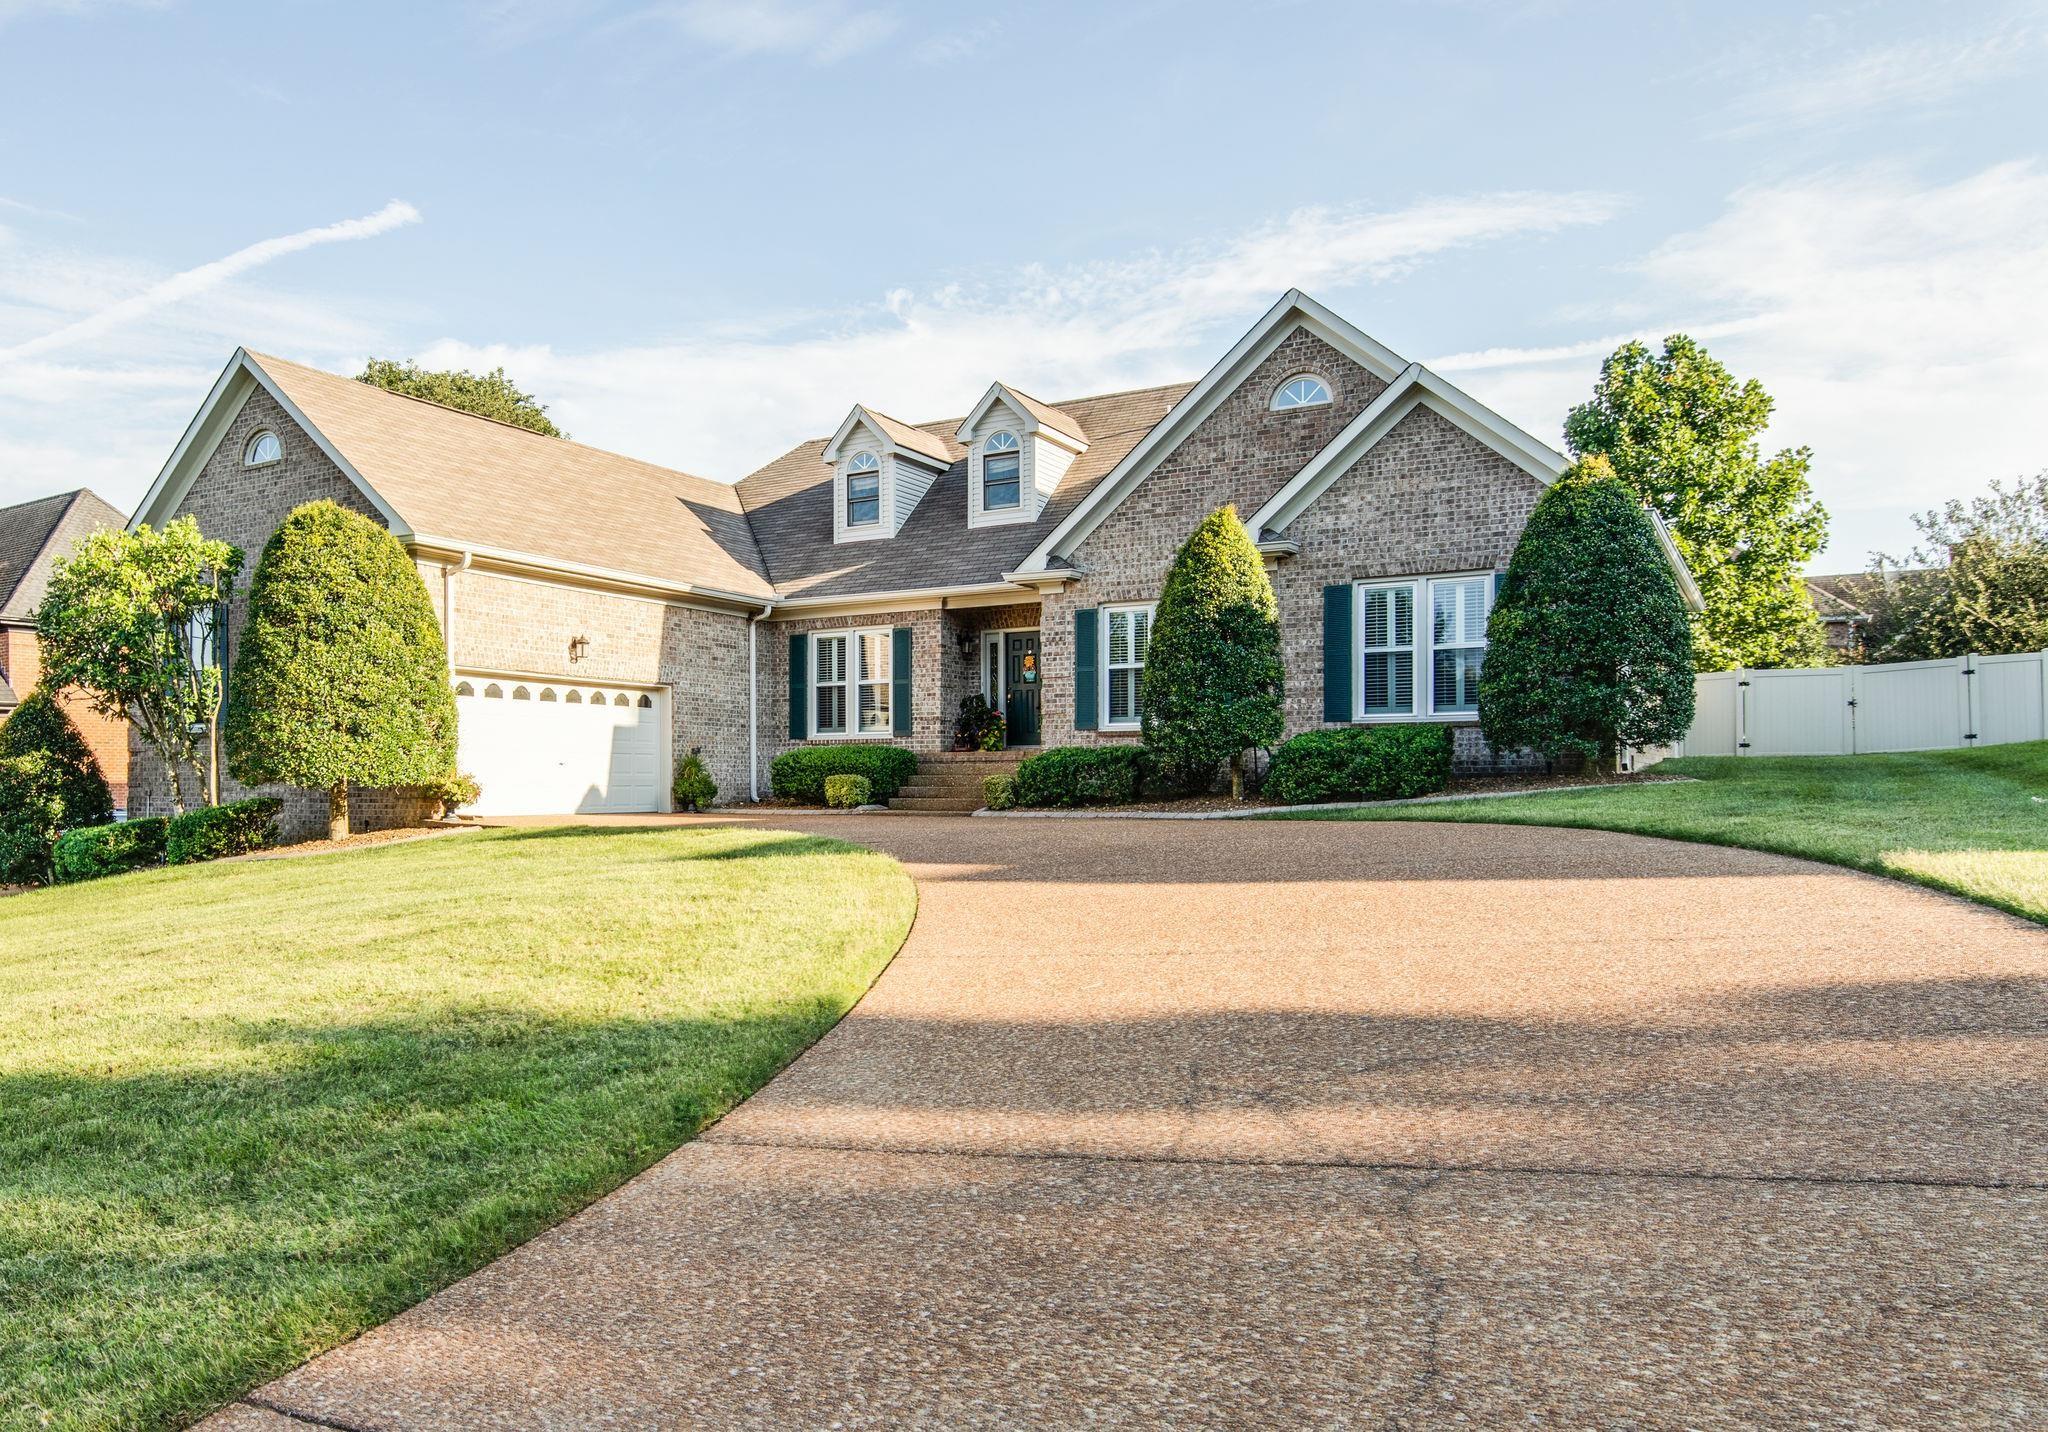 128 Ballentrae Dr, Hendersonville, TN 37075 - Hendersonville, TN real estate listing